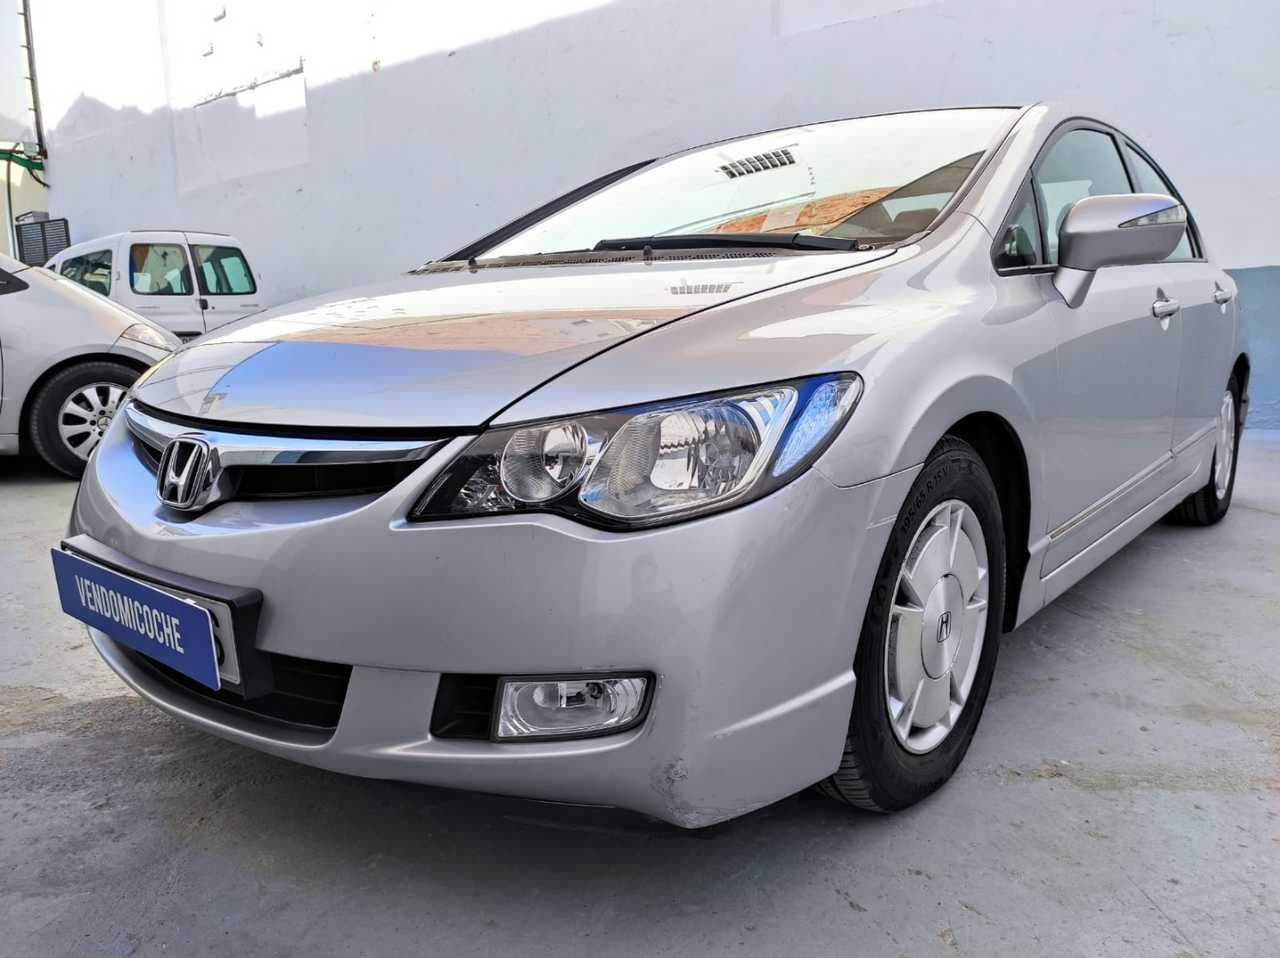 Honda Civic Hybrid 1.3IMA 115CV 4P   - Foto 1